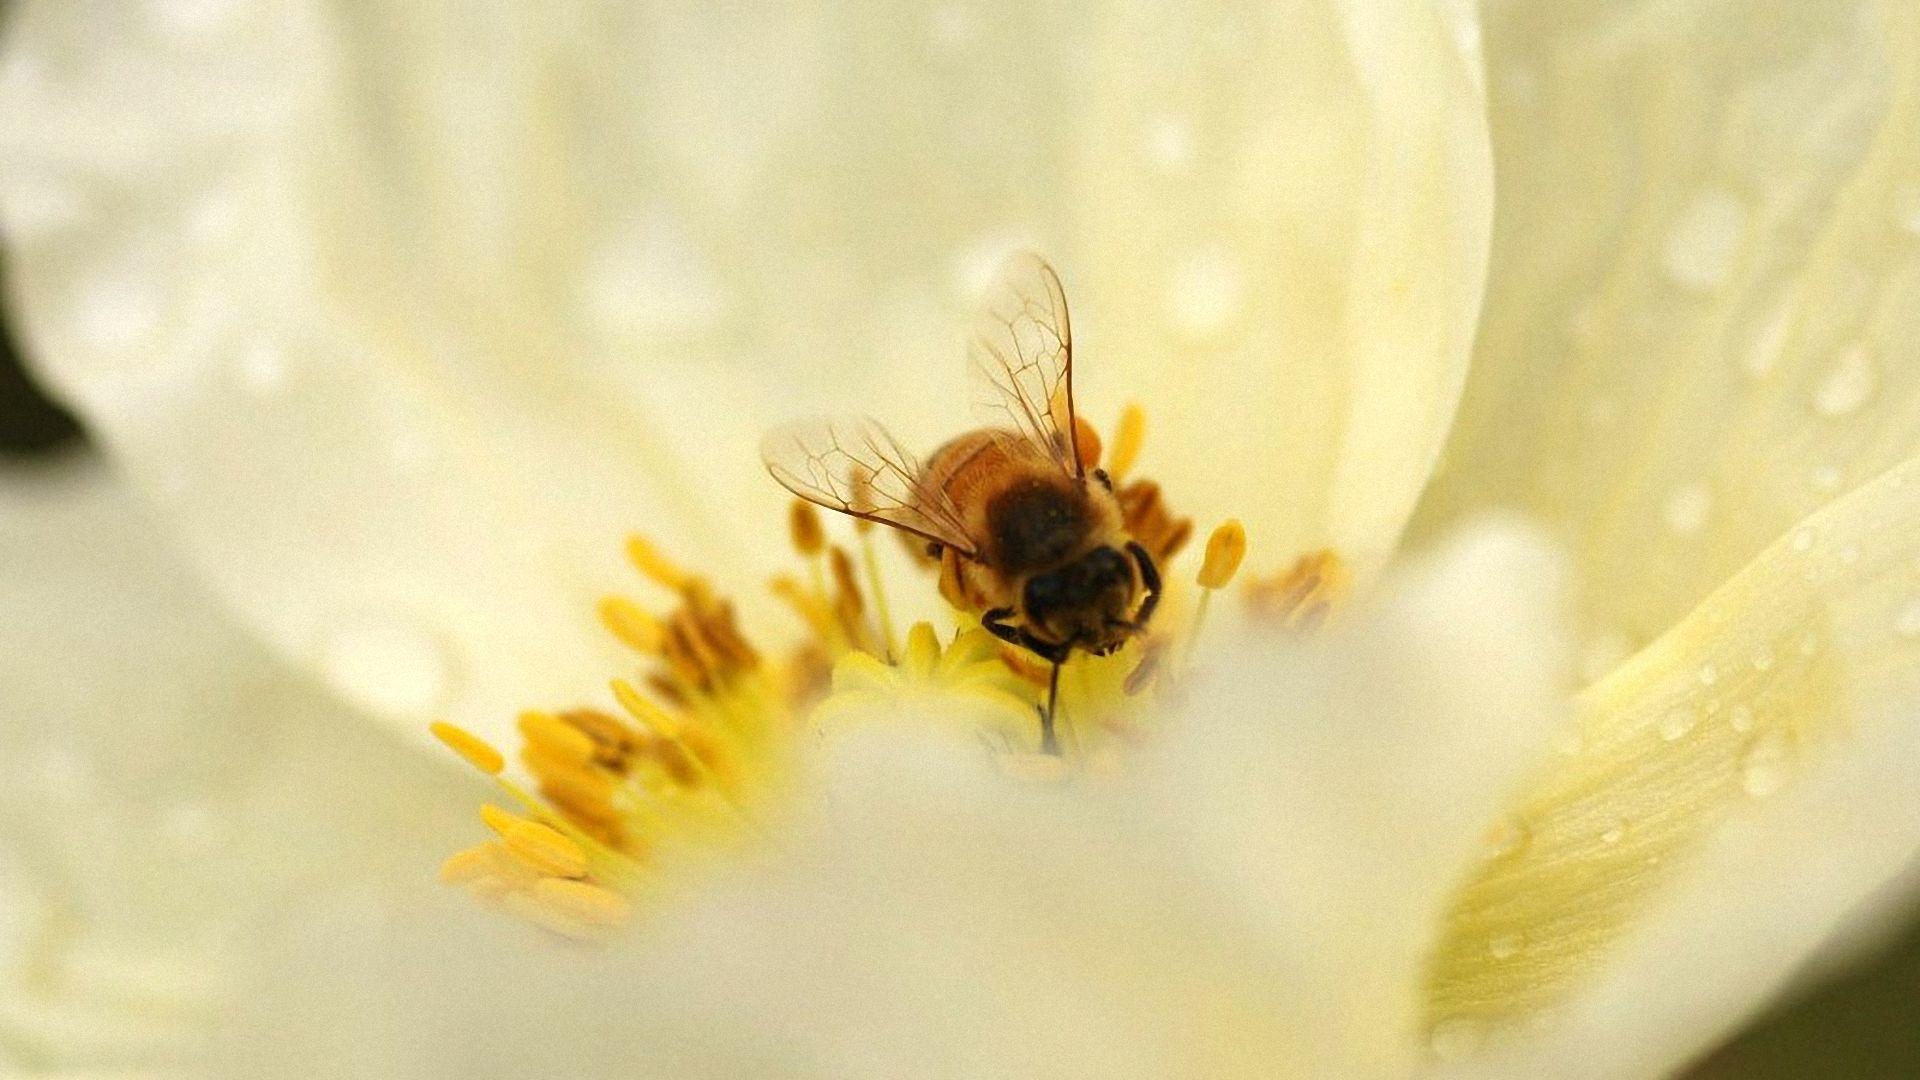 Bee Wallpapers 1920x1080